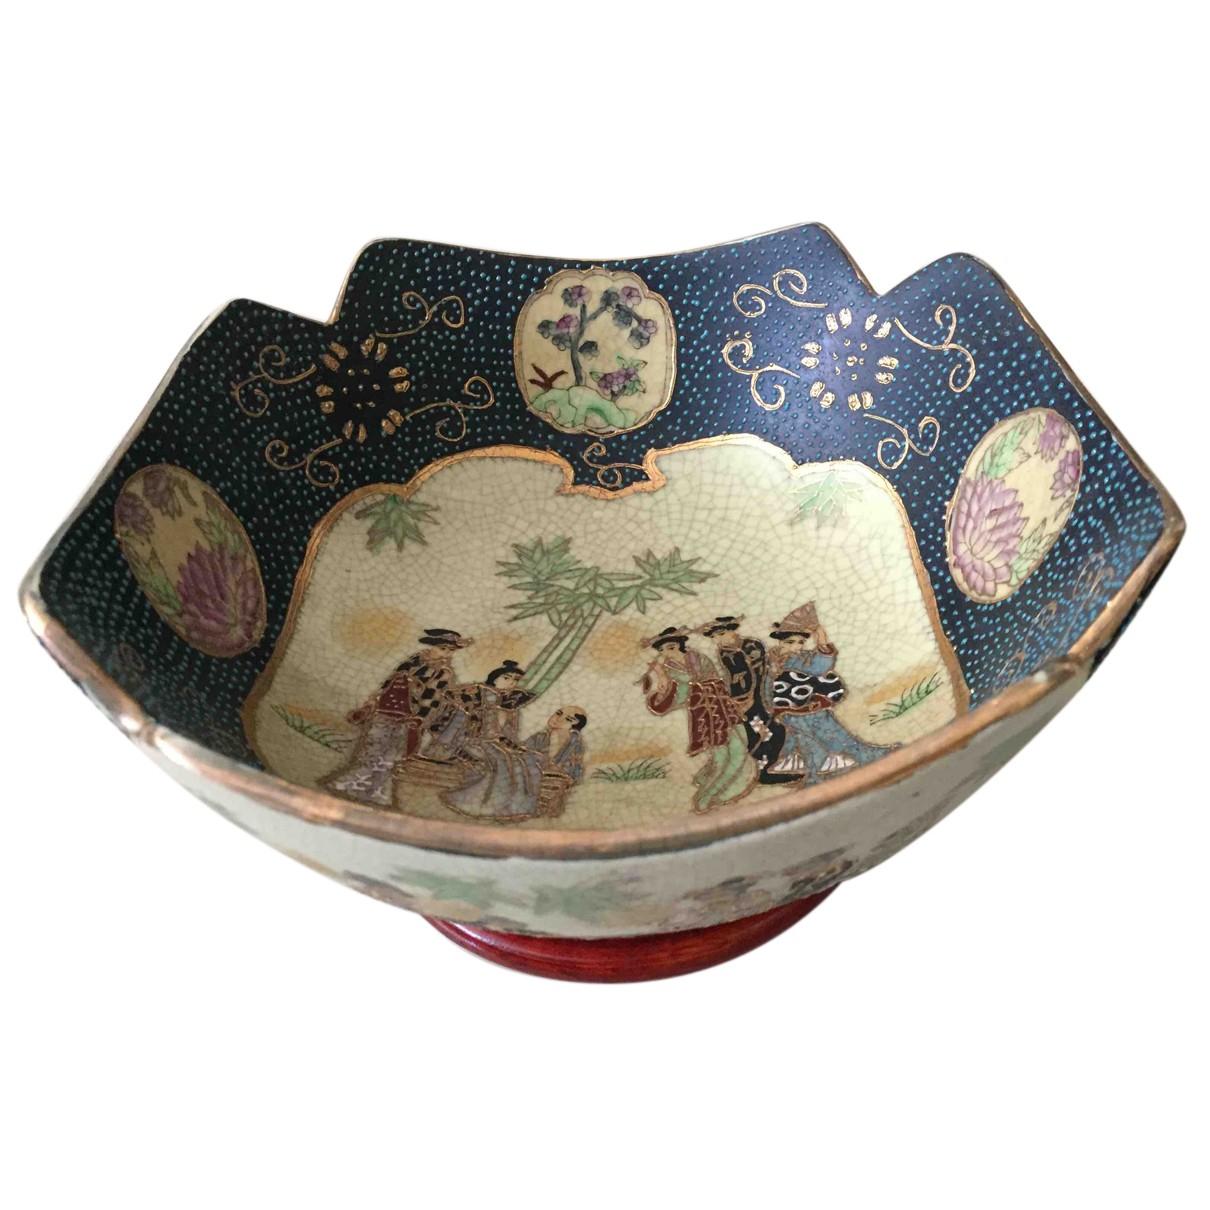 Objeto de decoracion de Ceramica Non Signe / Unsigned